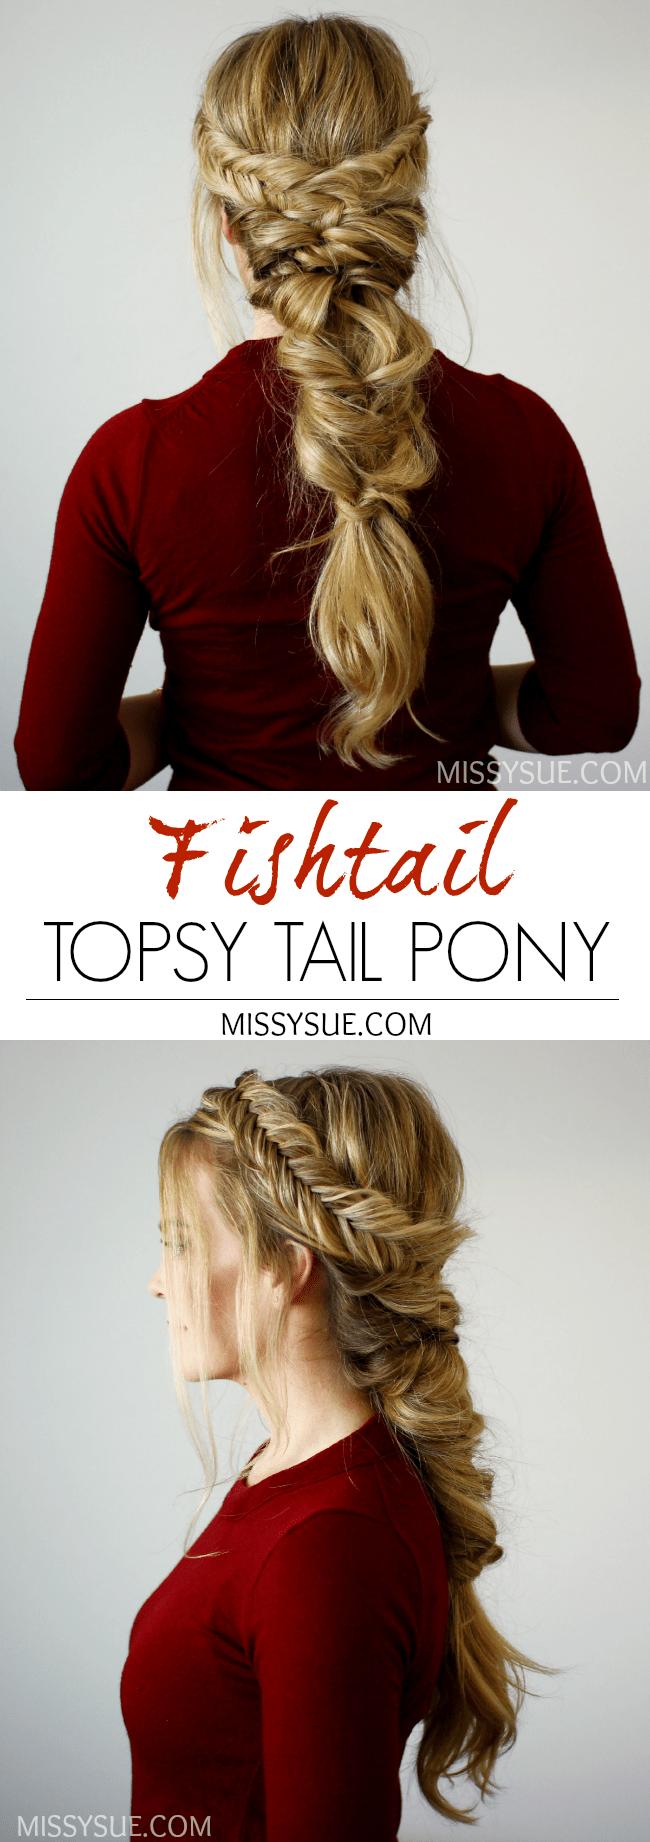 fishtail-topsy-tail-pony-tutorial